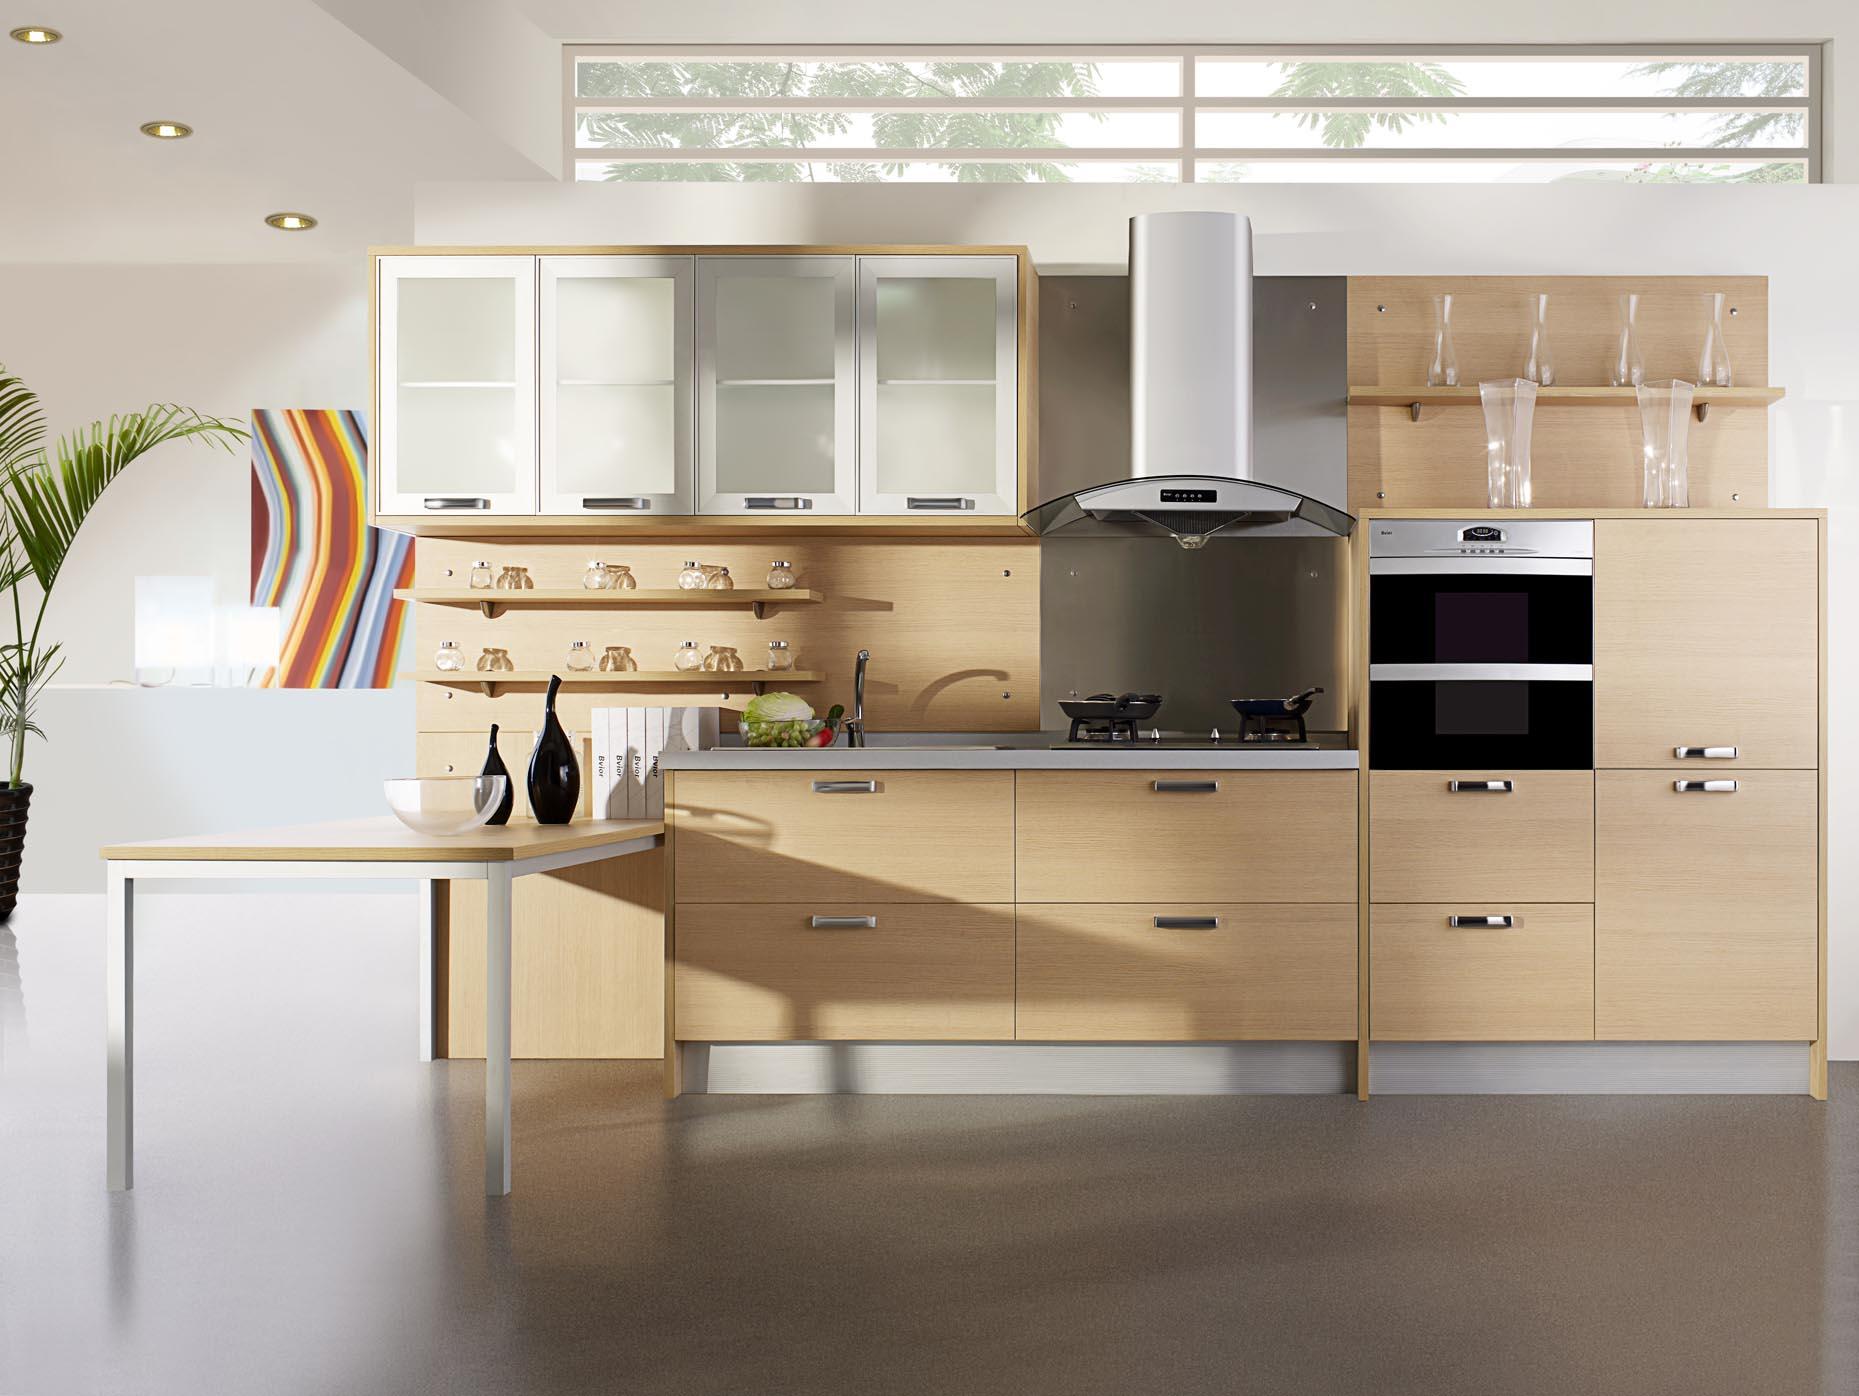 Shelf for kitchen Photo - 6